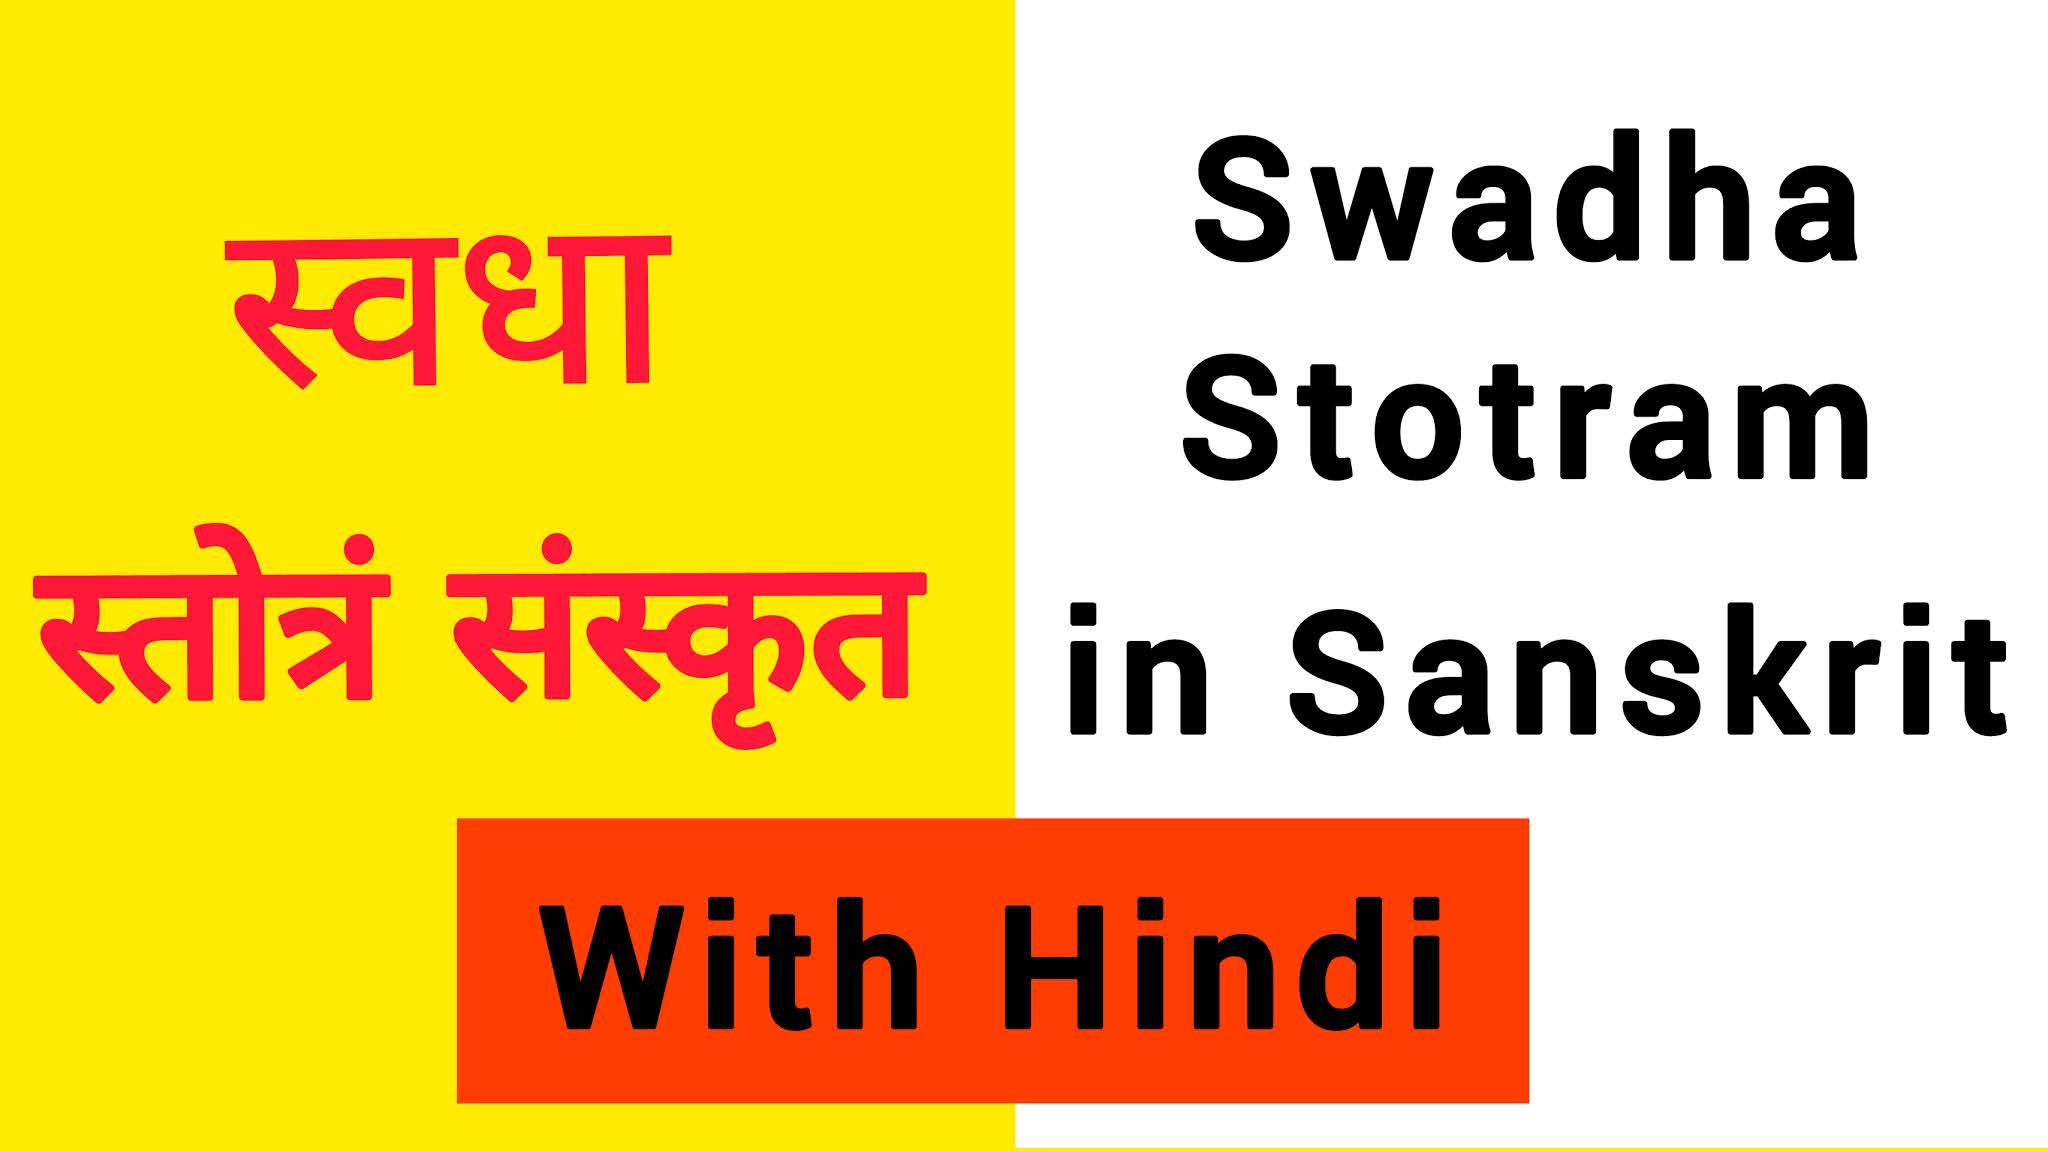 Swadha Stotra in Sanskrit